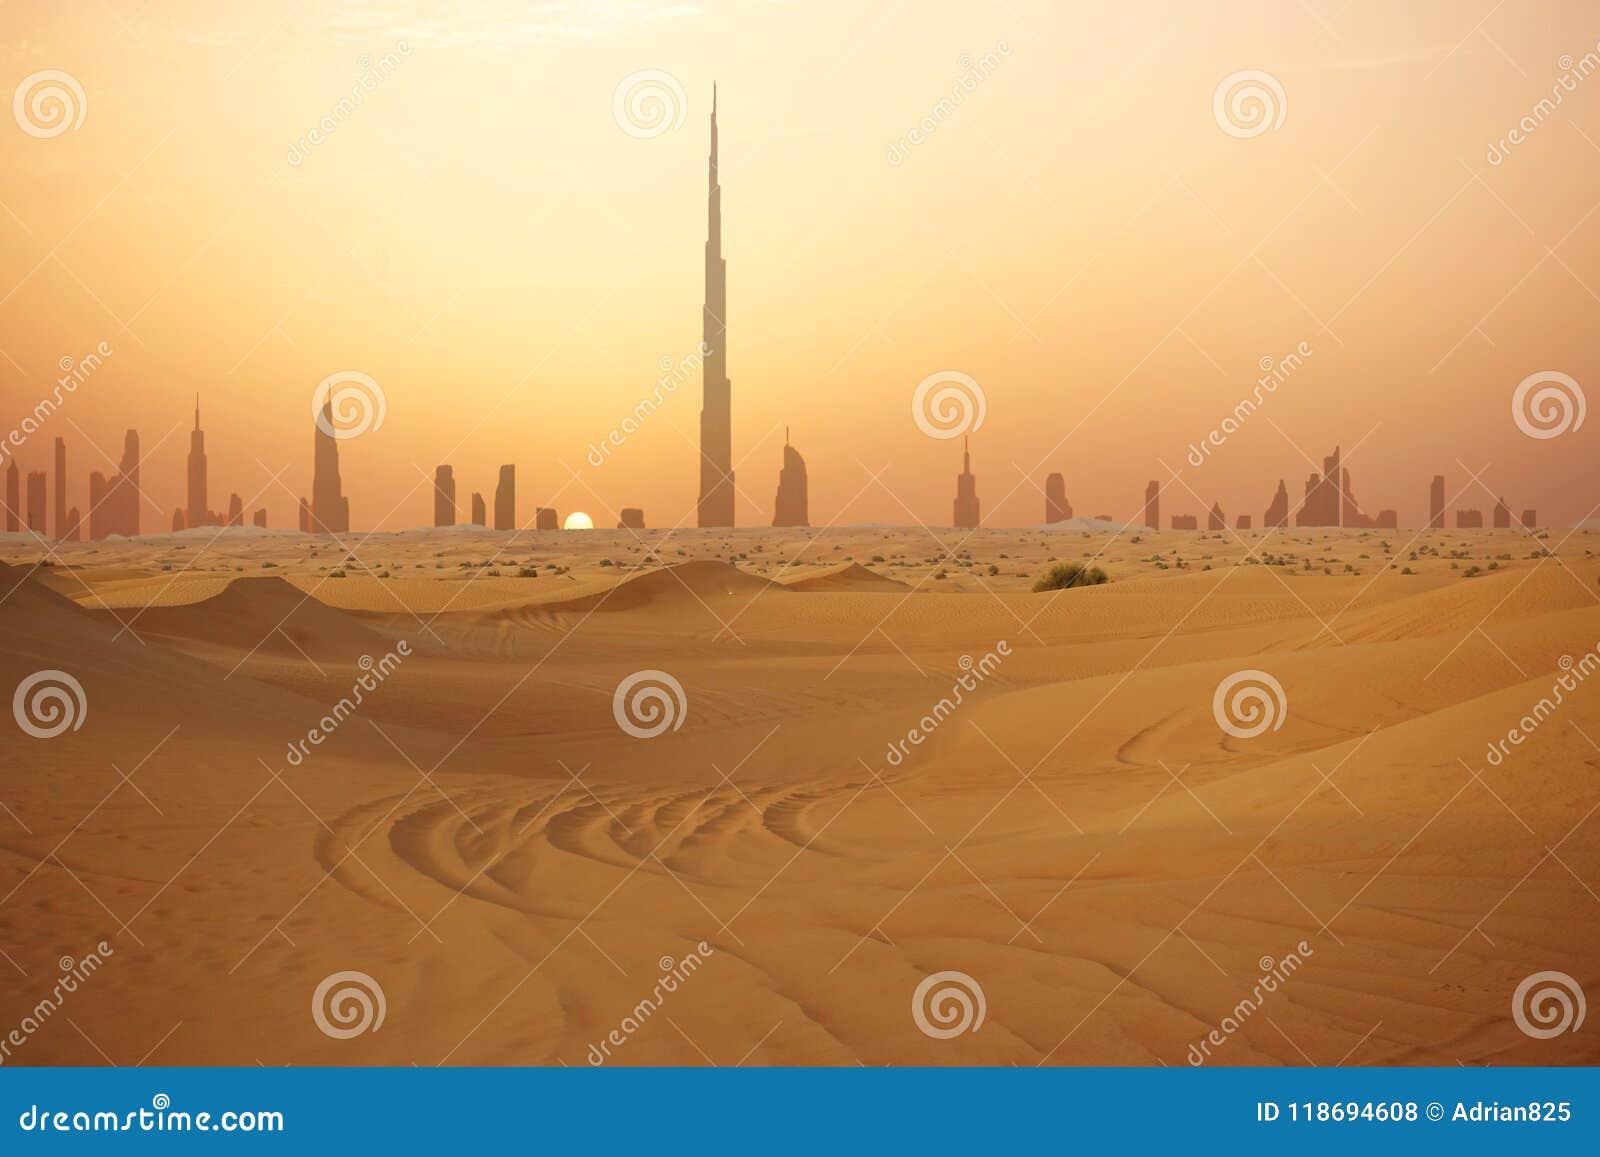 Horizonte de Dubai en la puesta del sol o la oscuridad, visión desde el desierto árabe